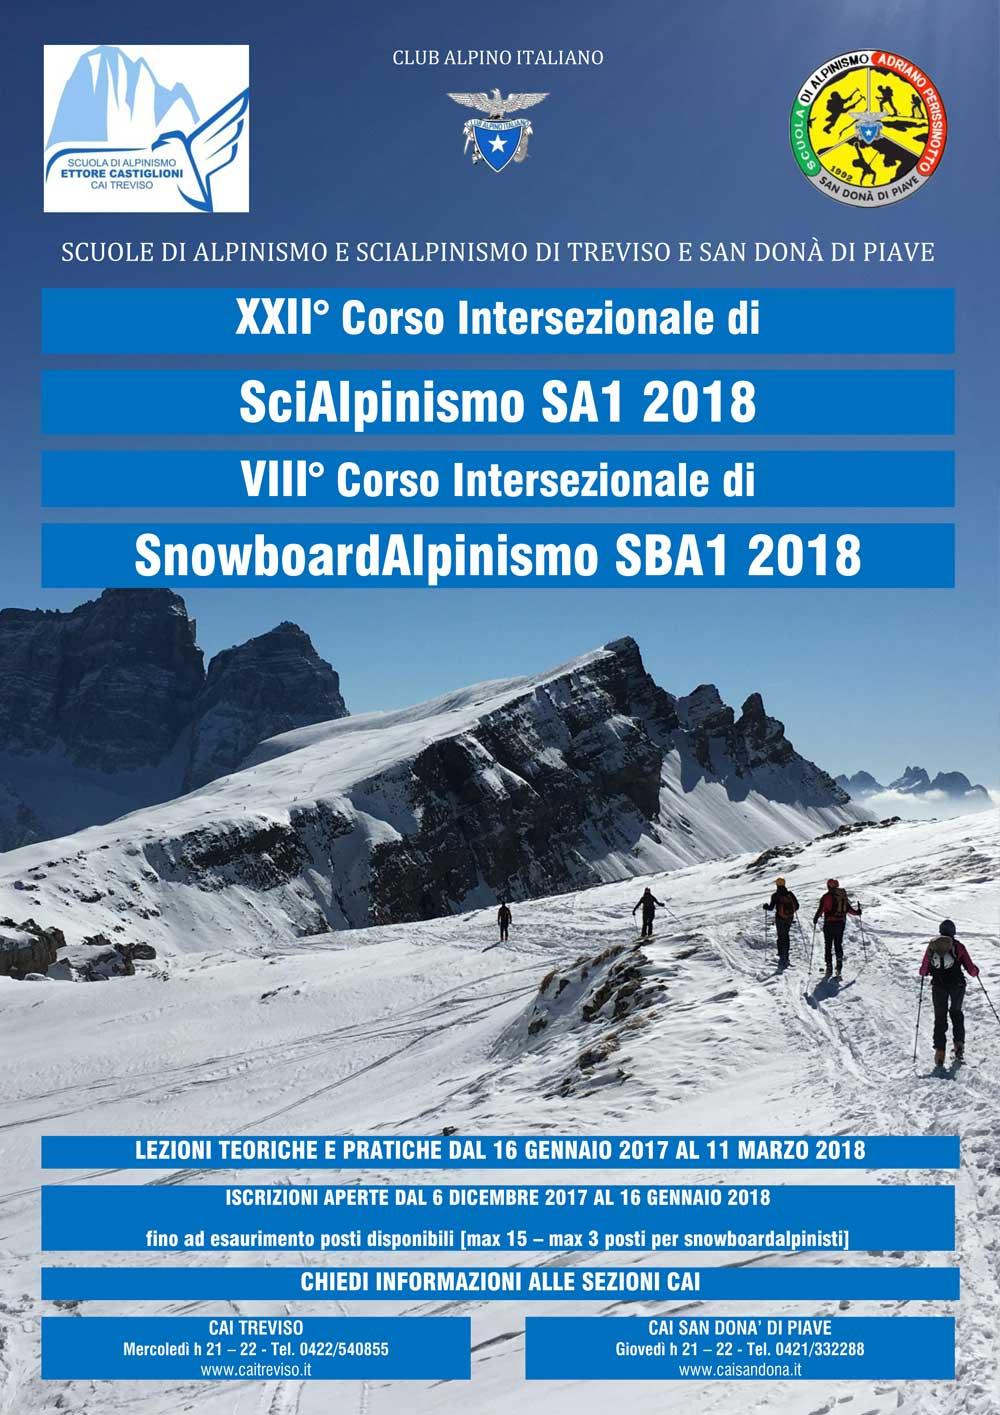 22° Corso di sci alpinismo SA1 2018 - 8° Corso di snowboard alpinismo SBA1 2018